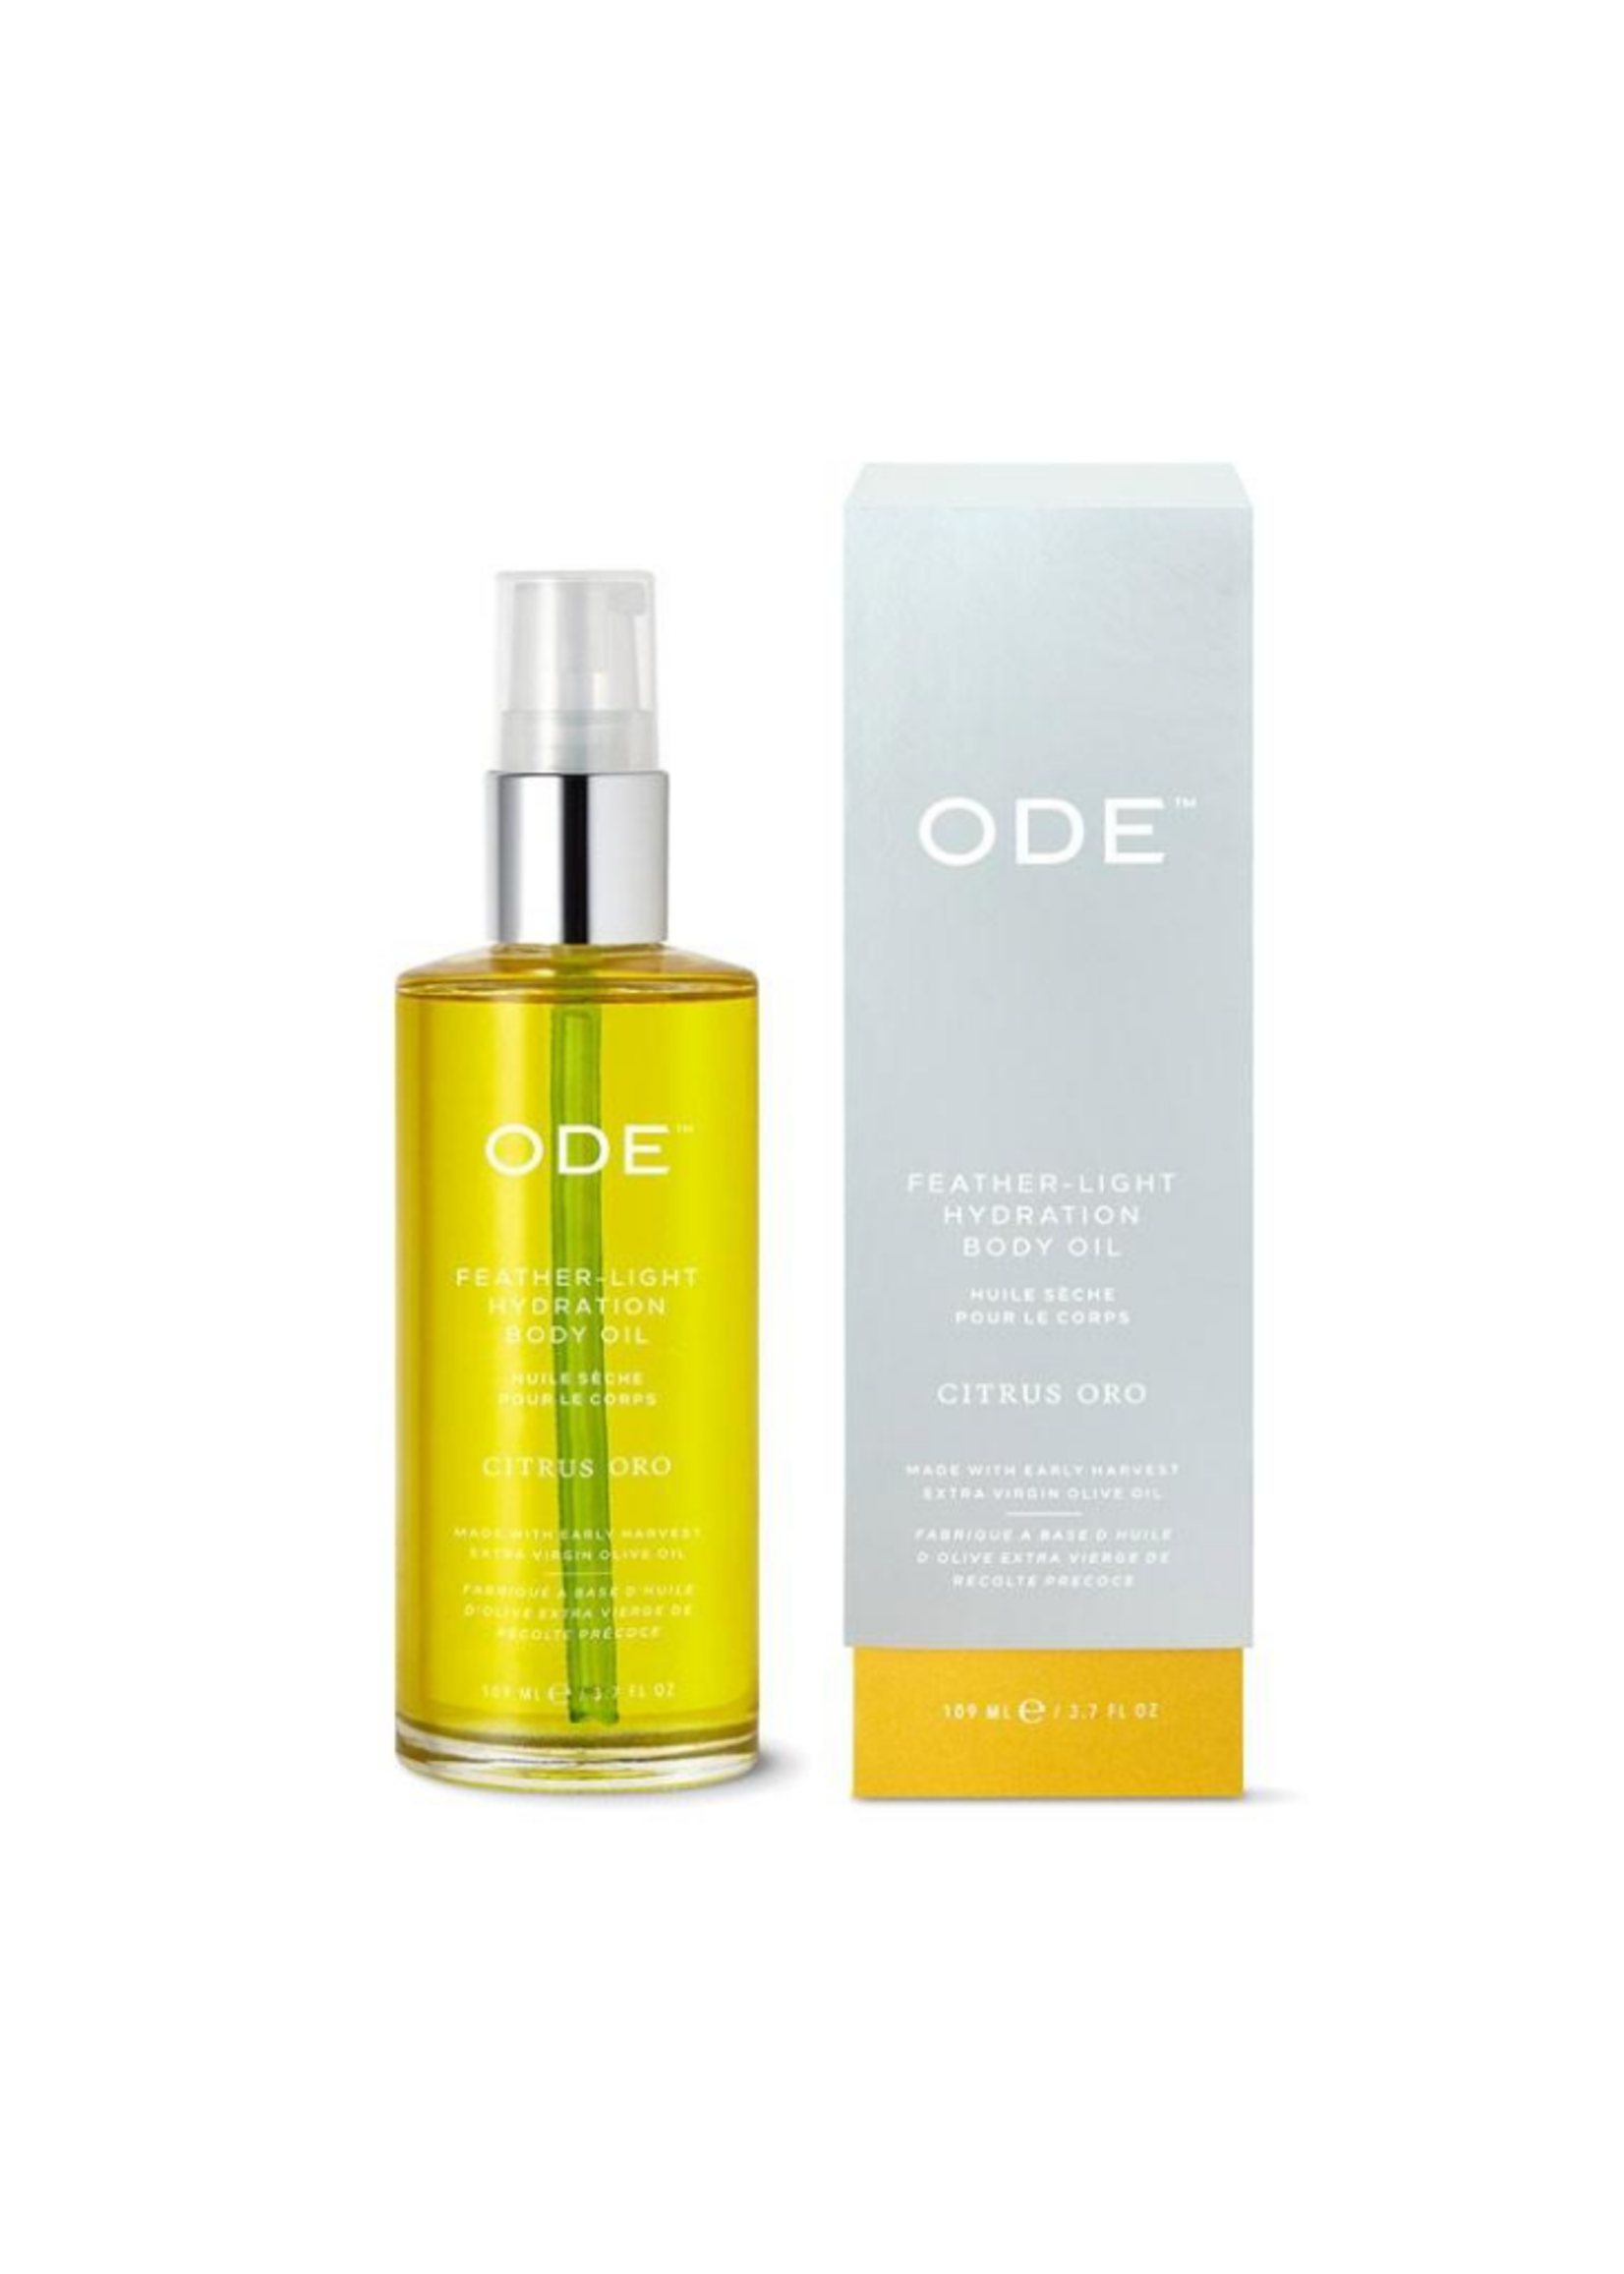 ODE ODE Citrus Oro Body Oil